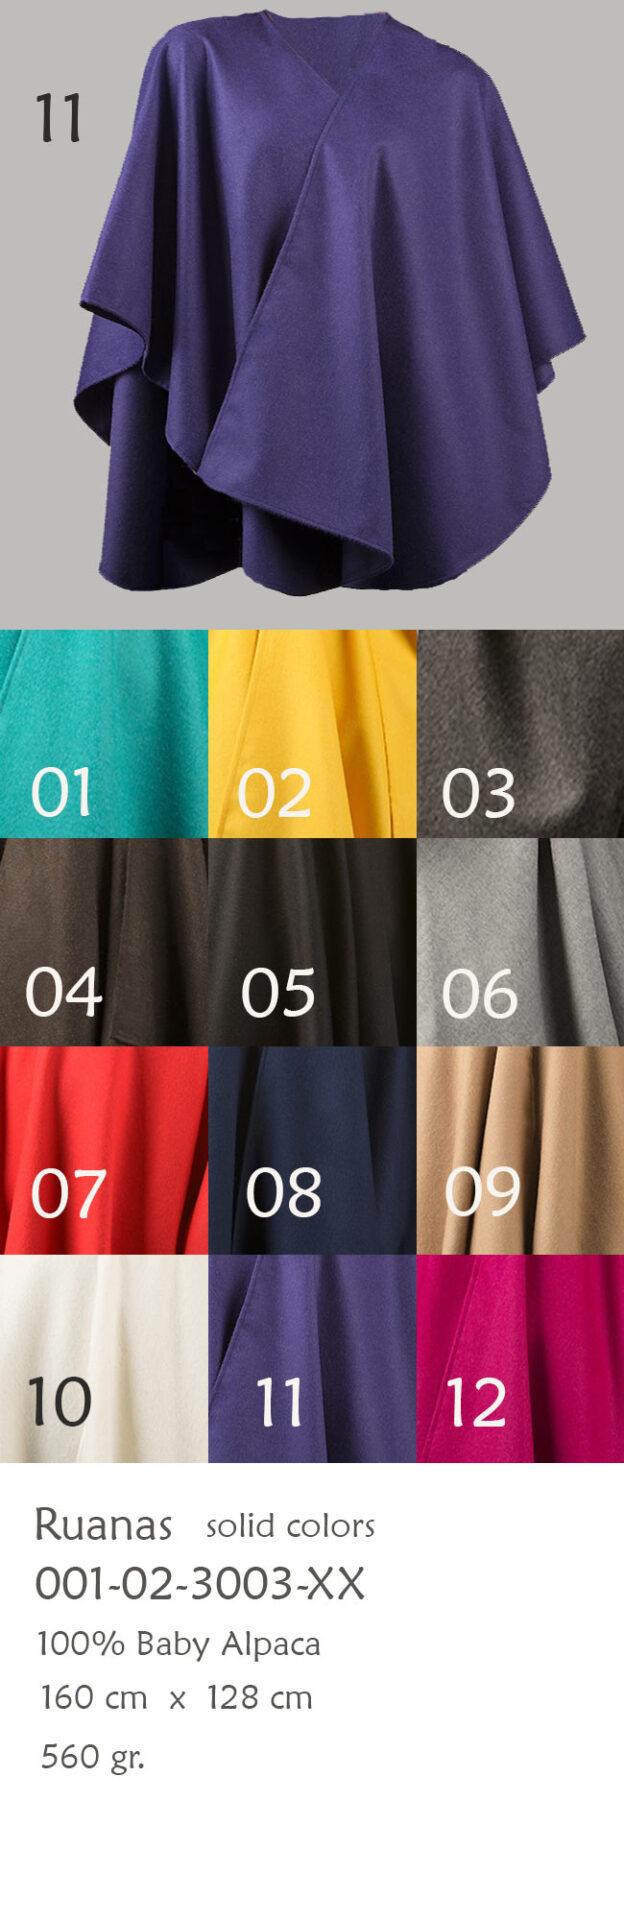 001-02-3003 Ruana poncho, omslagdoeken 100 % Baby Alpaca, in effen kleur